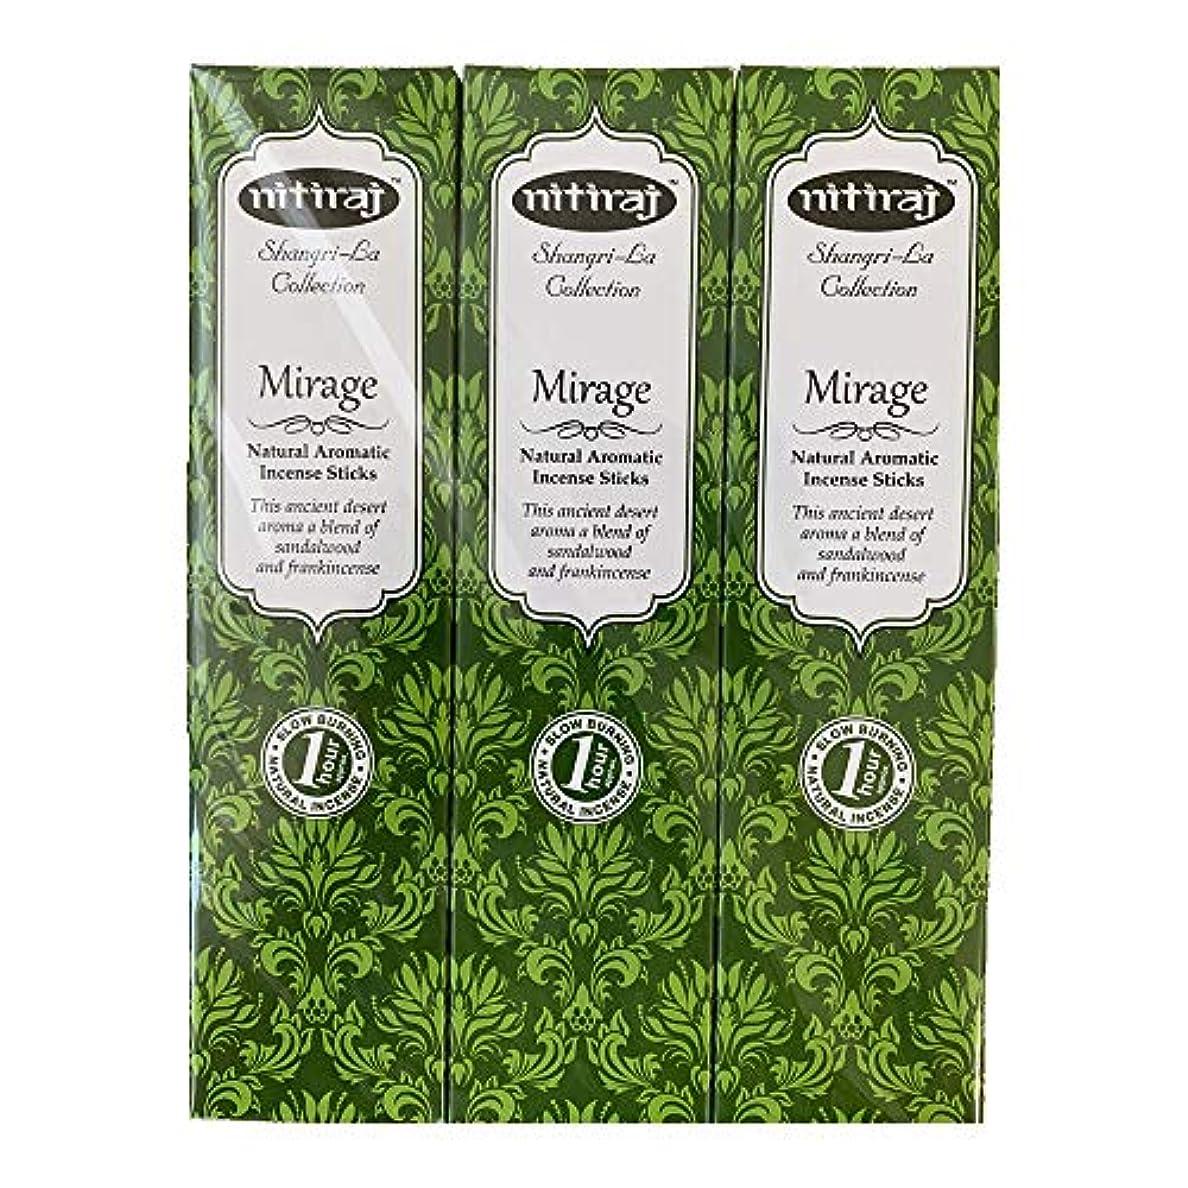 爆弾診療所ハイジャックお香 アロマインセンス Nitiraj(ニティラジ)Mirage(蜃気楼) 3箱セット(30本/1箱10本入り)100%天然素材